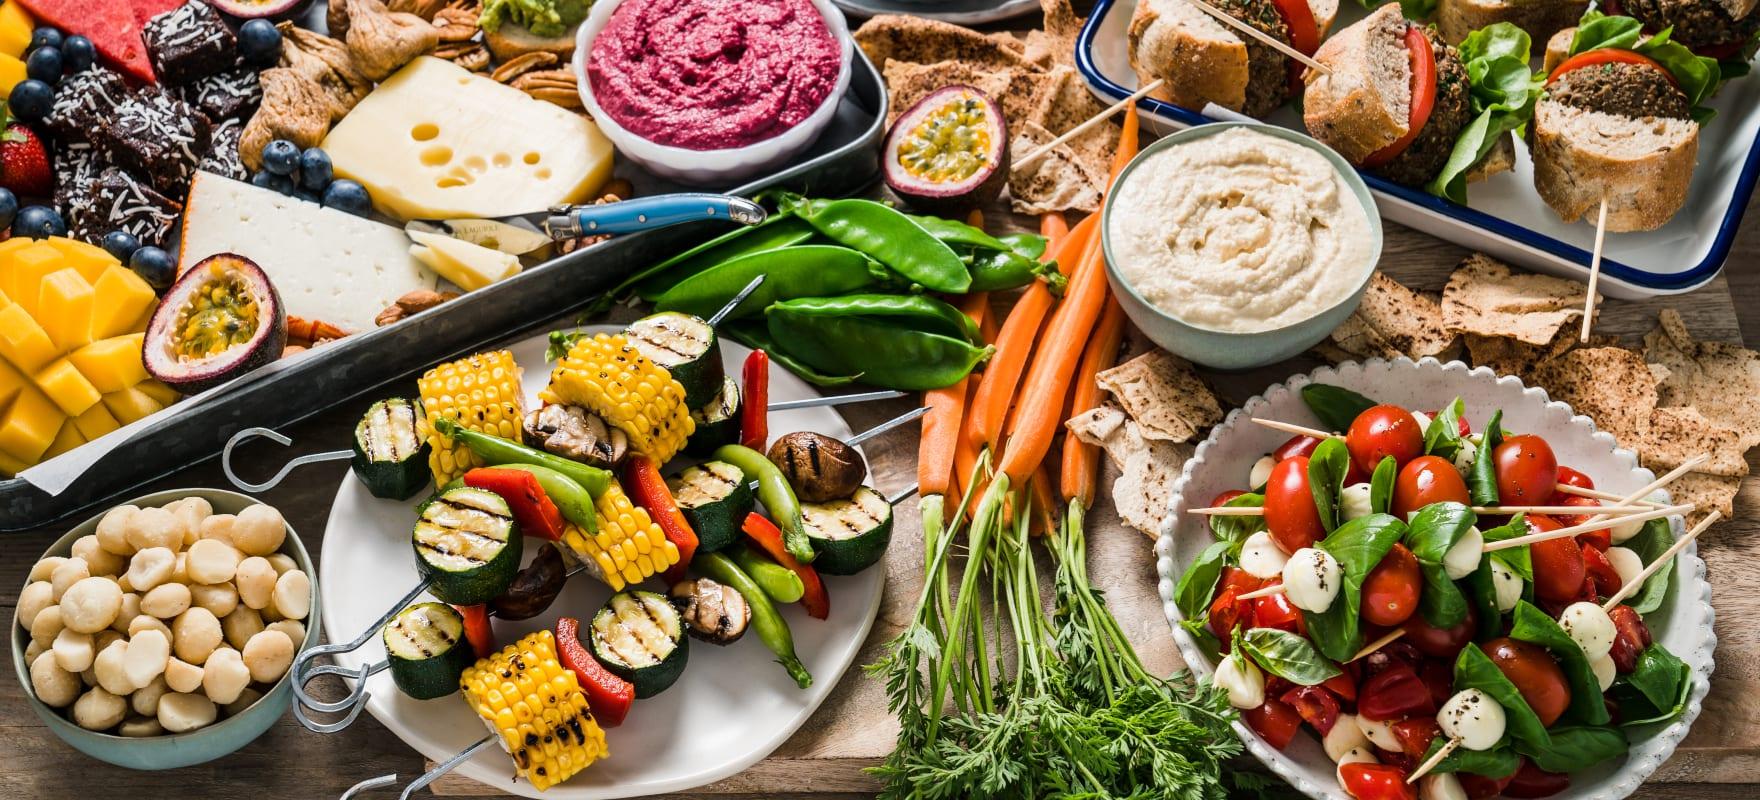 Summer BBQ grazing platter image 3